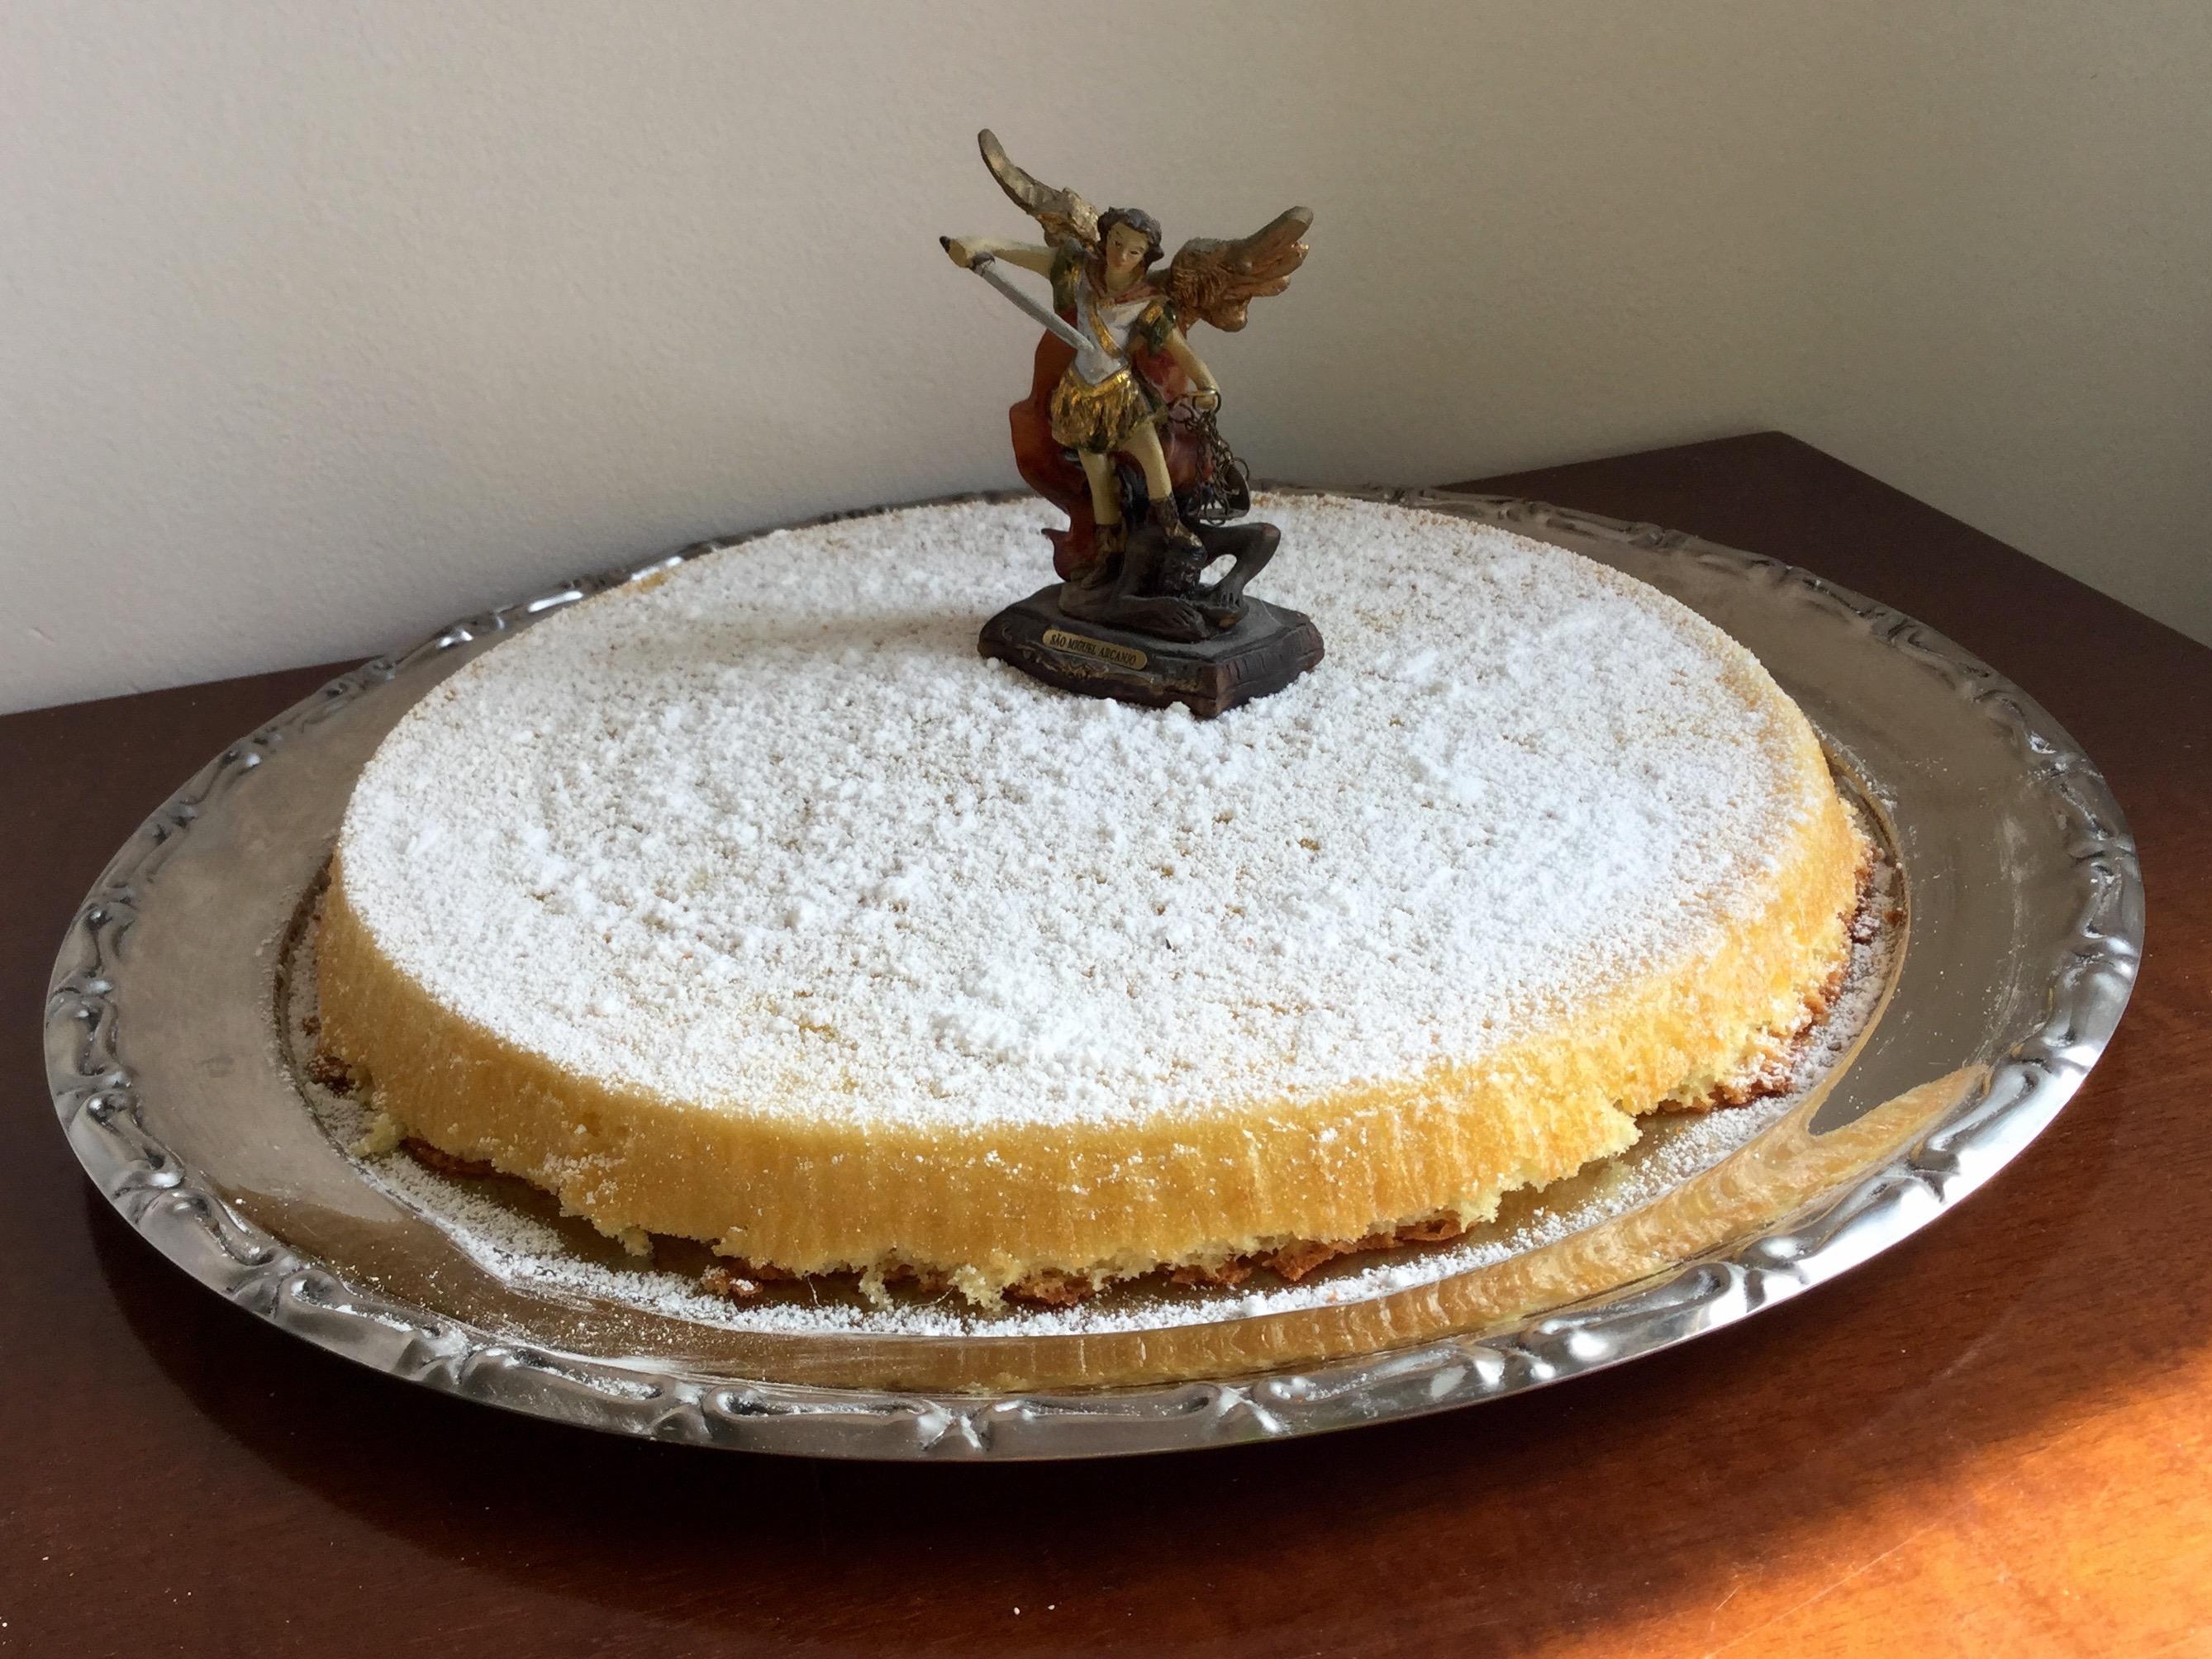 Dolci Da Credenza Torta Paradiso : Torta paradiso al limone & larcangelo michele messaggero divino